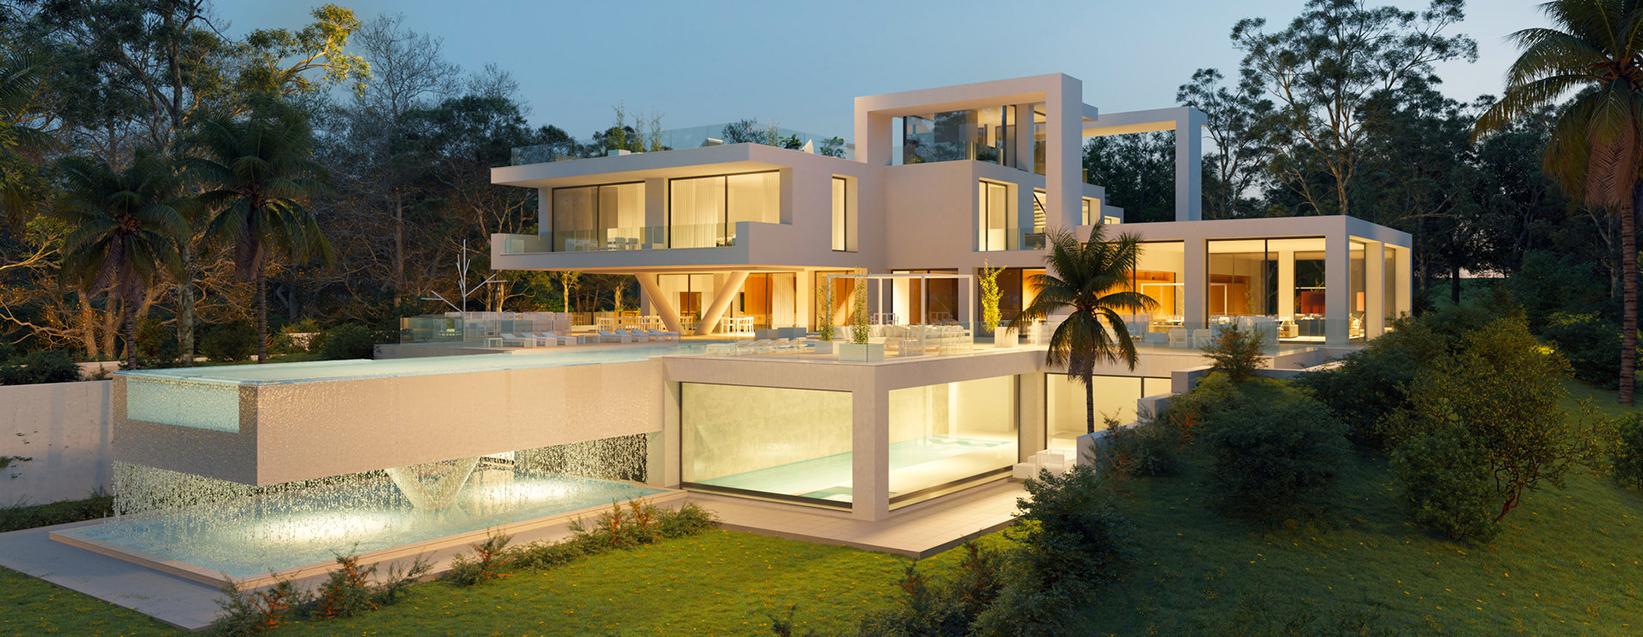 Moraleja - España - Casa, 9 cuartos, 9 habitaciones - Slideshow Picture 3